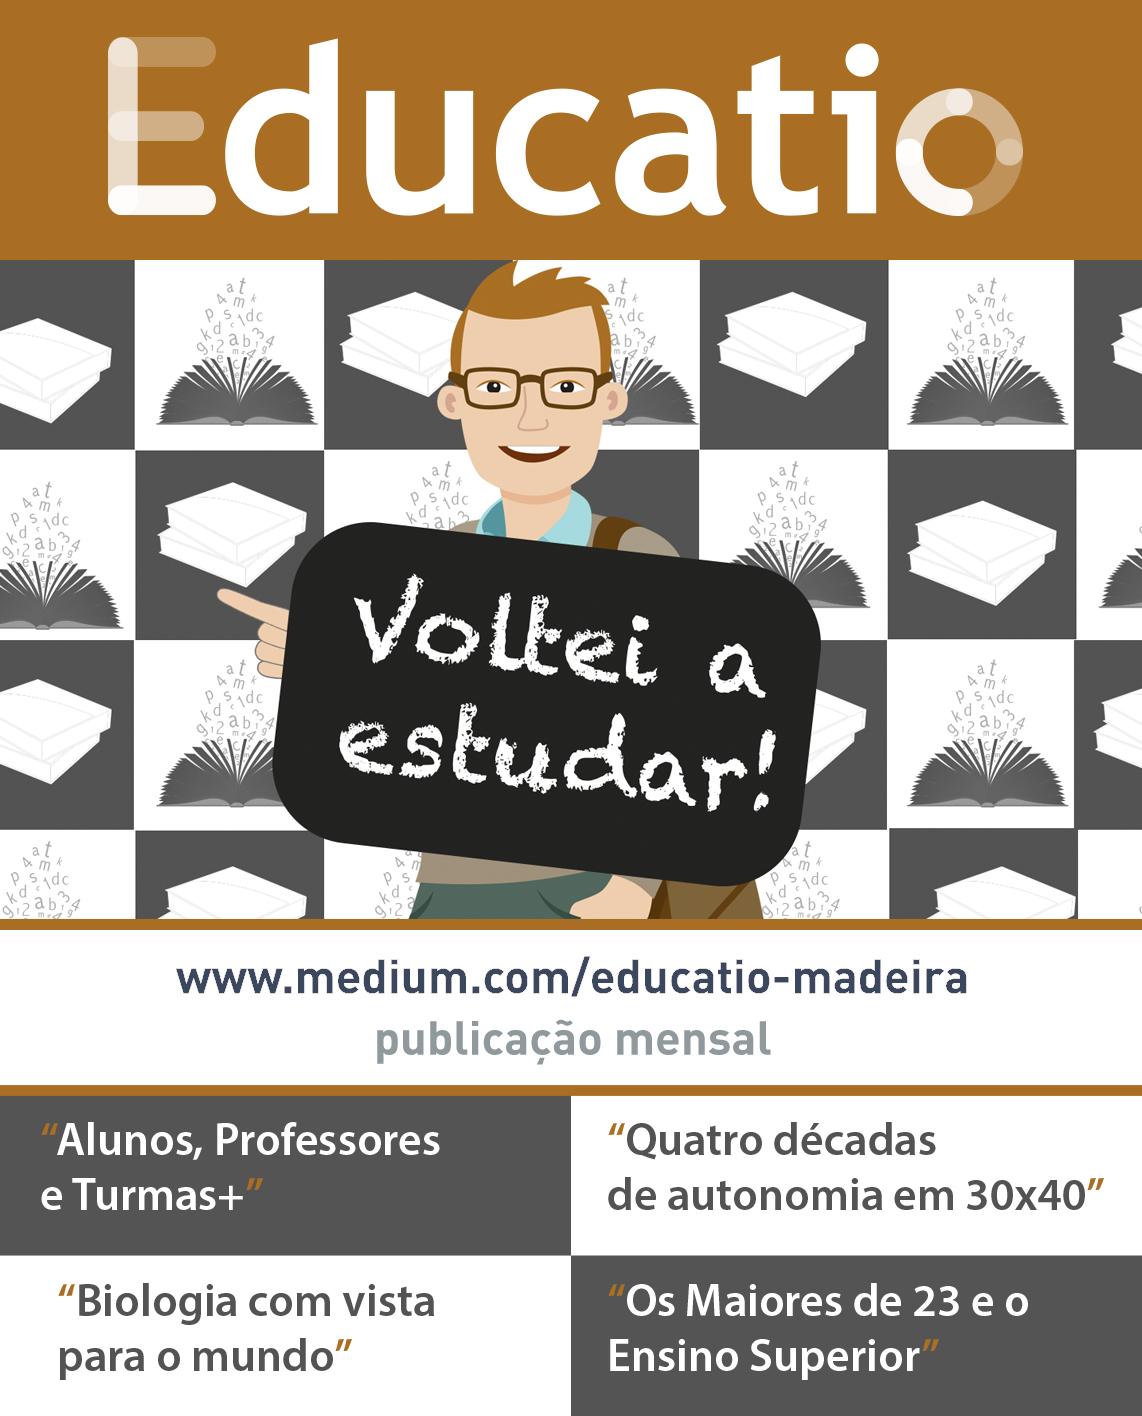 Educatio de setembro de 2016